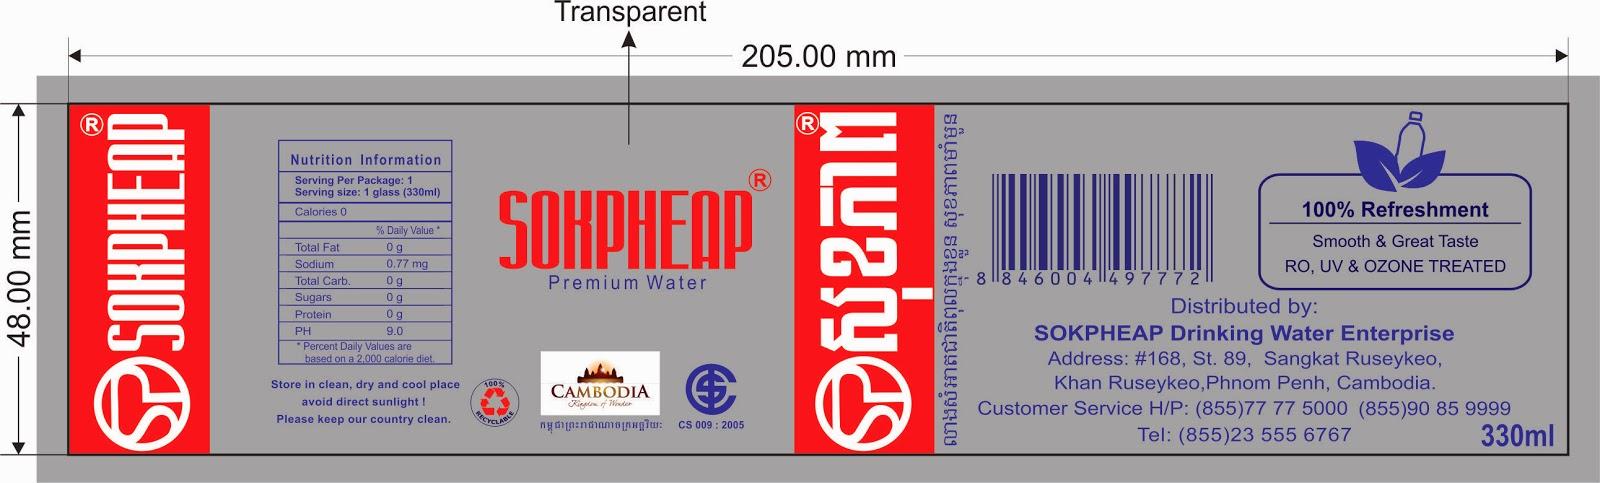 water bottle label sizes - Yelomdigitalsite